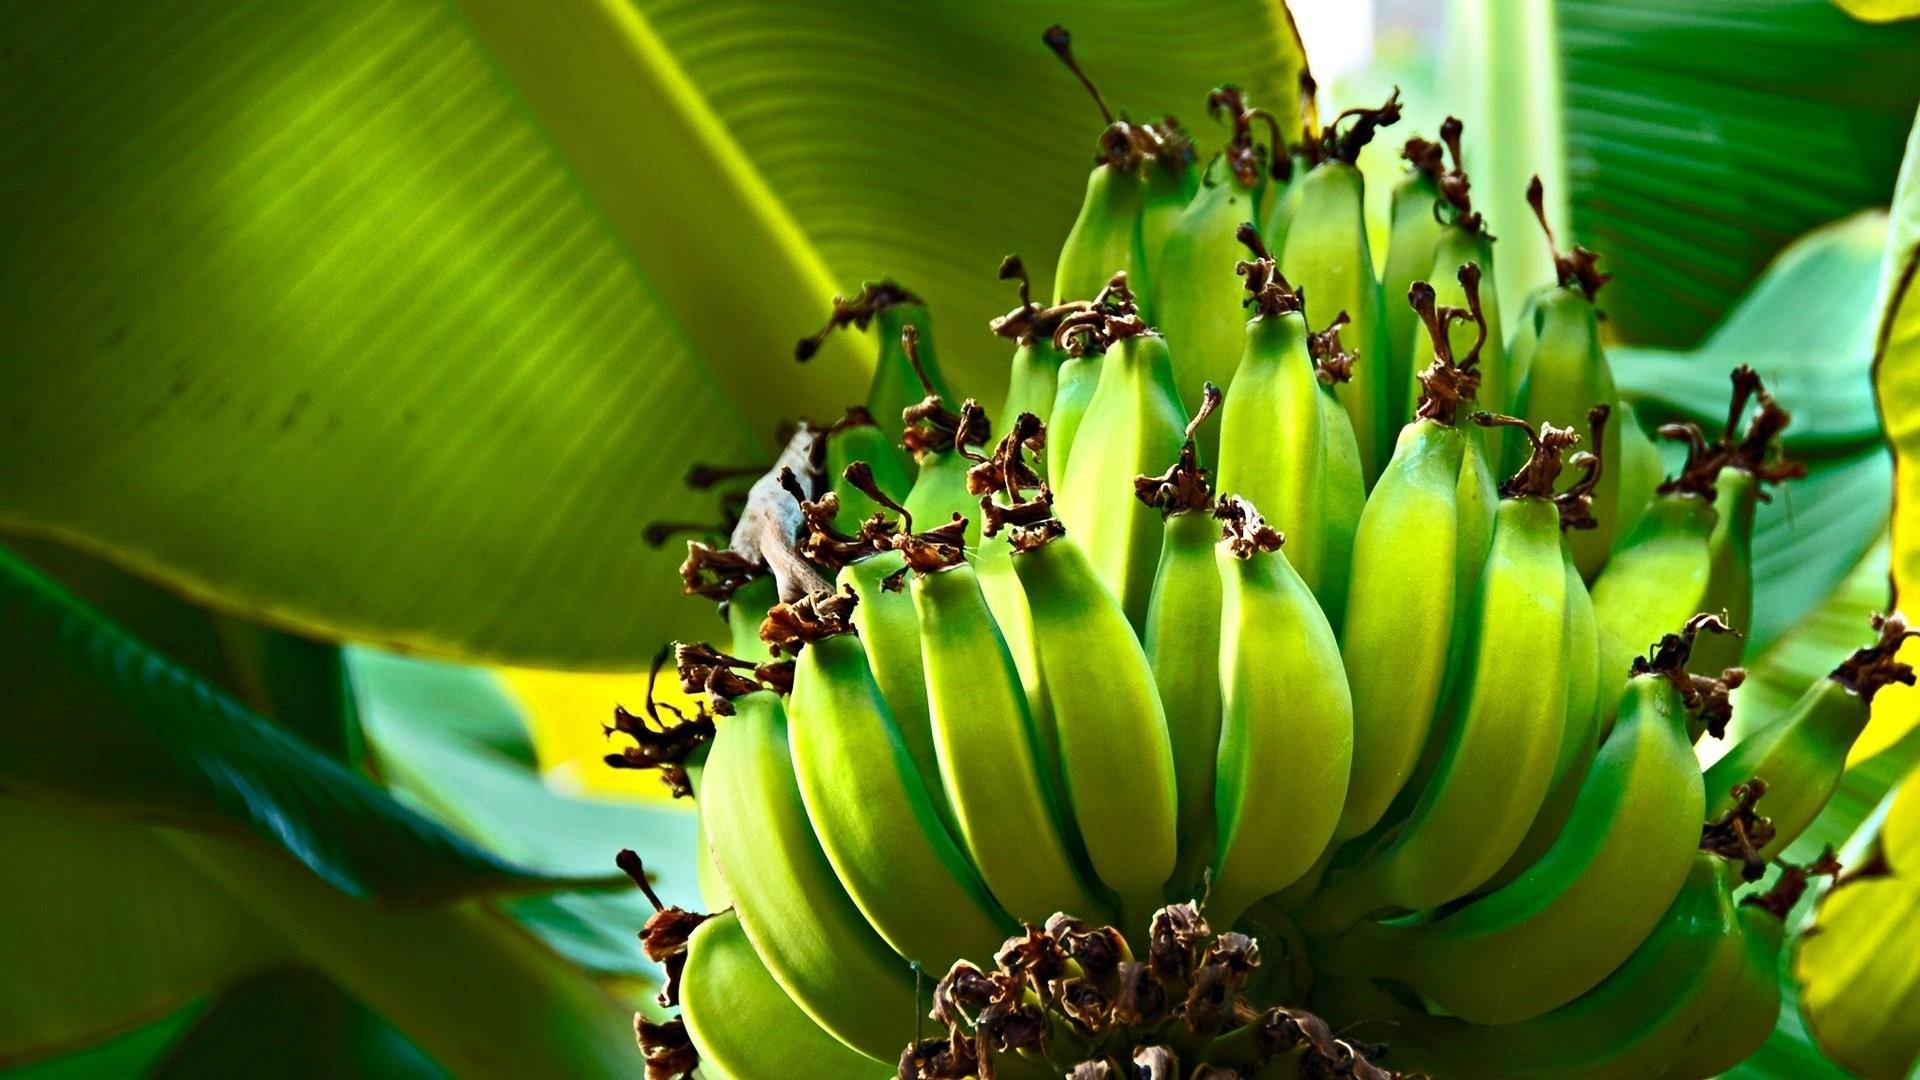 Banana Wallpaper for pc